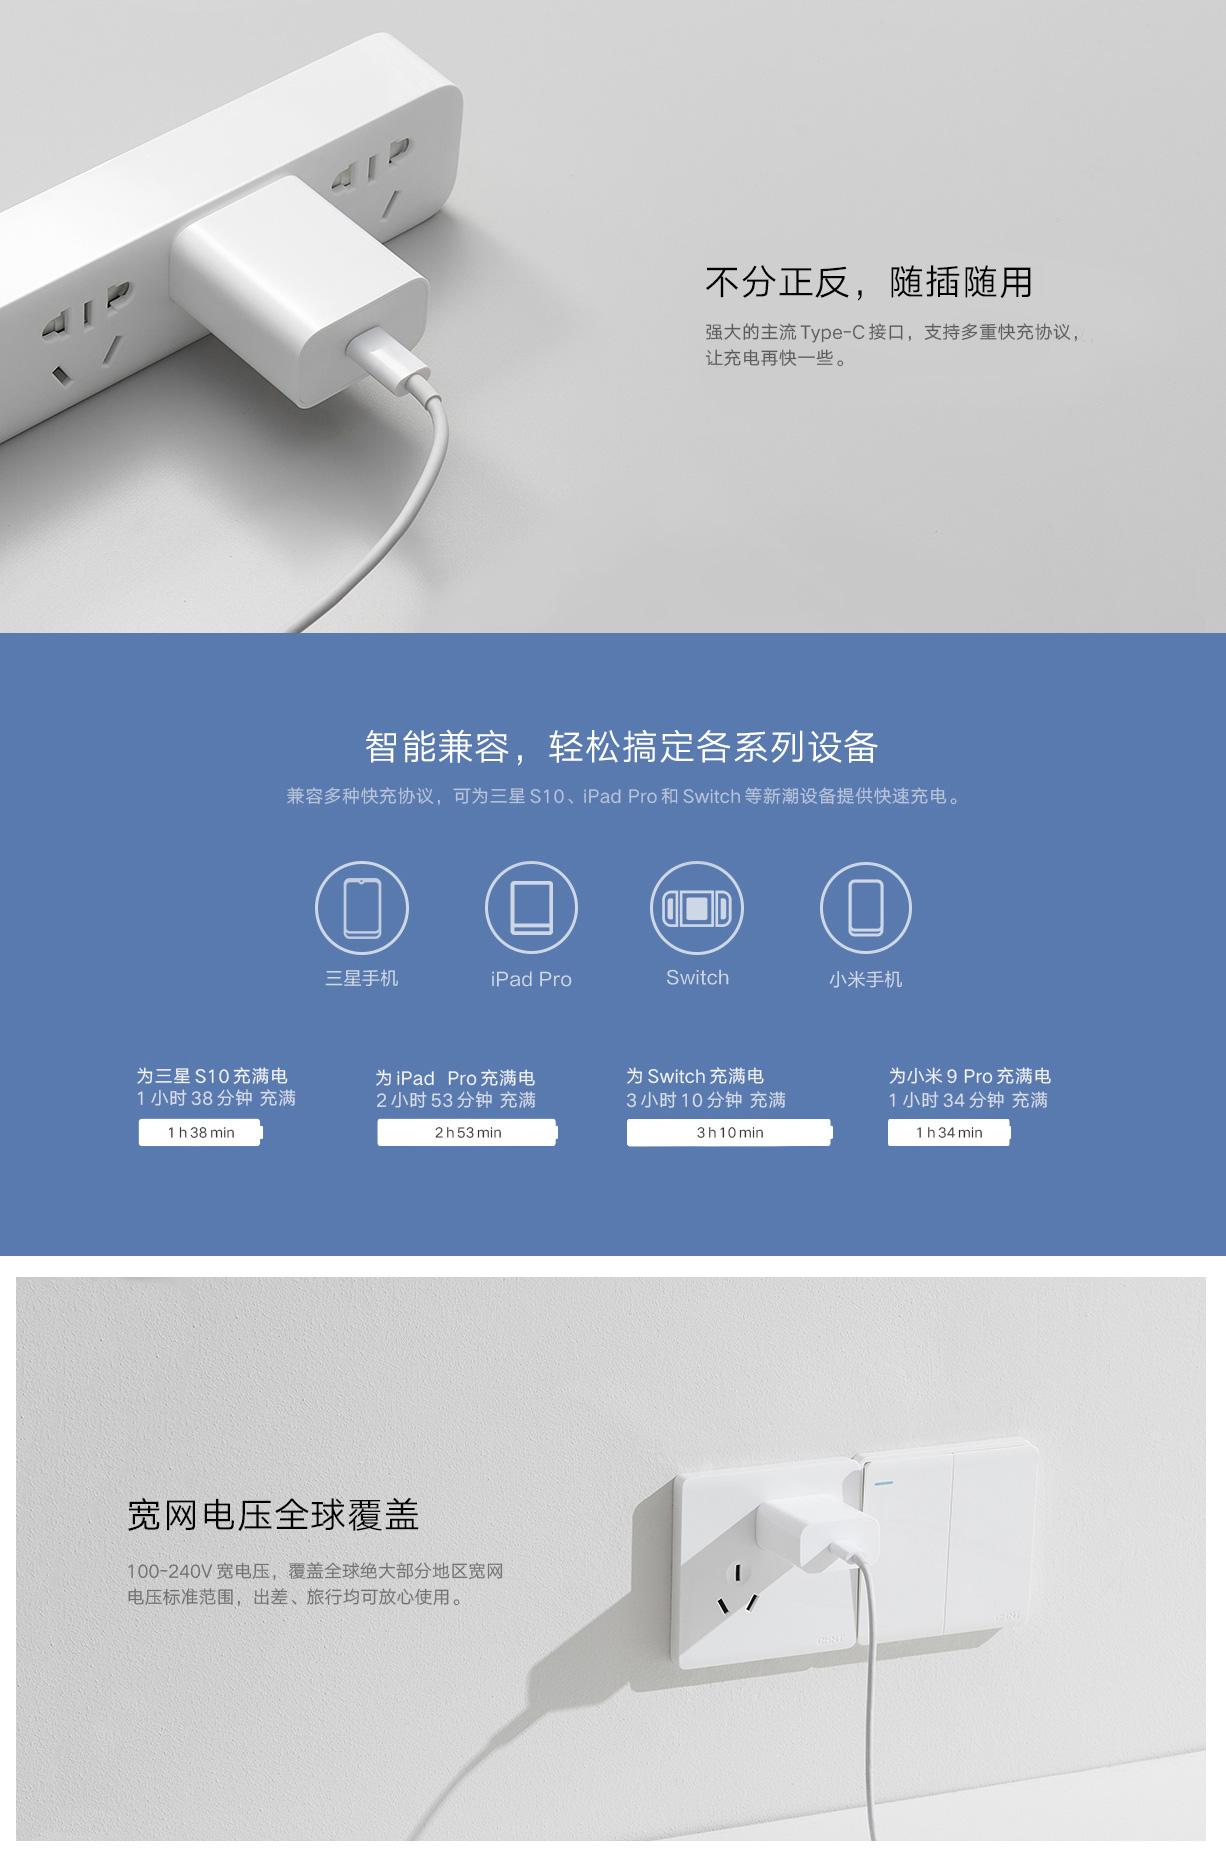 Cargador Xiaomi 20W para cargar cualquier smartphone o gadget, pensado para los iPhone 12